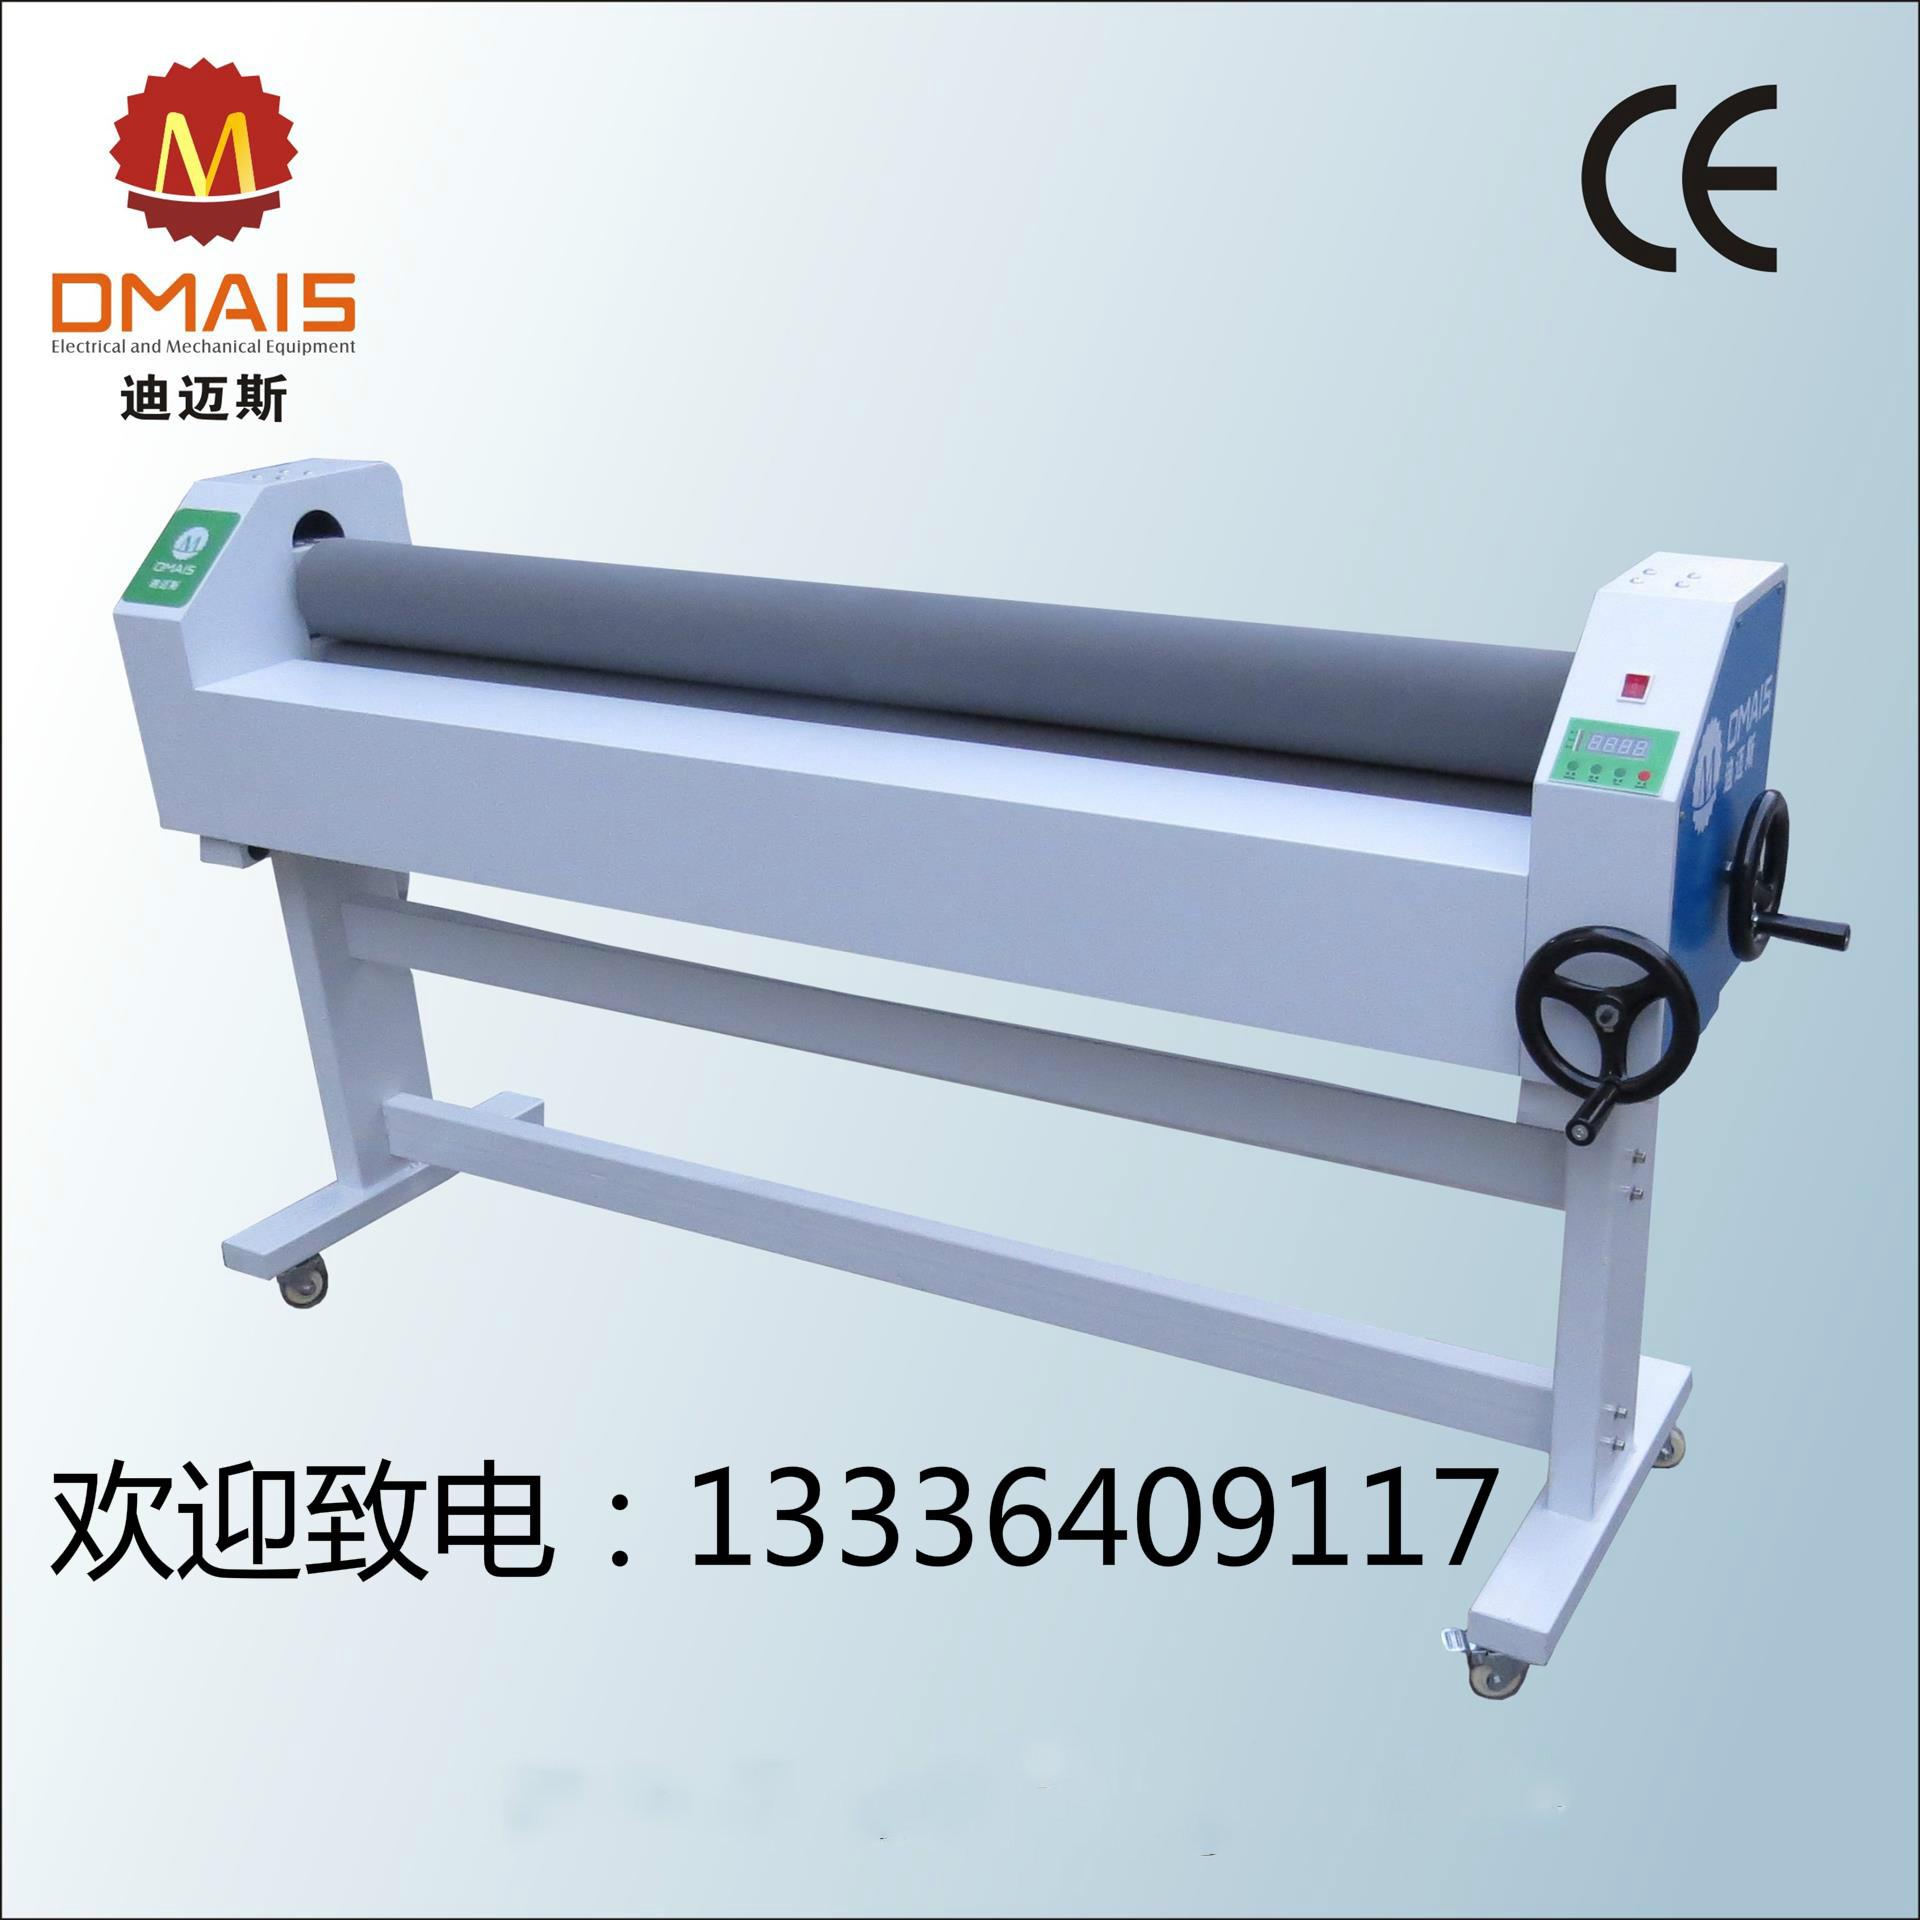 手动覆膜机品牌/手动冷裱覆膜机价格/手动覆膜机厂家供应商